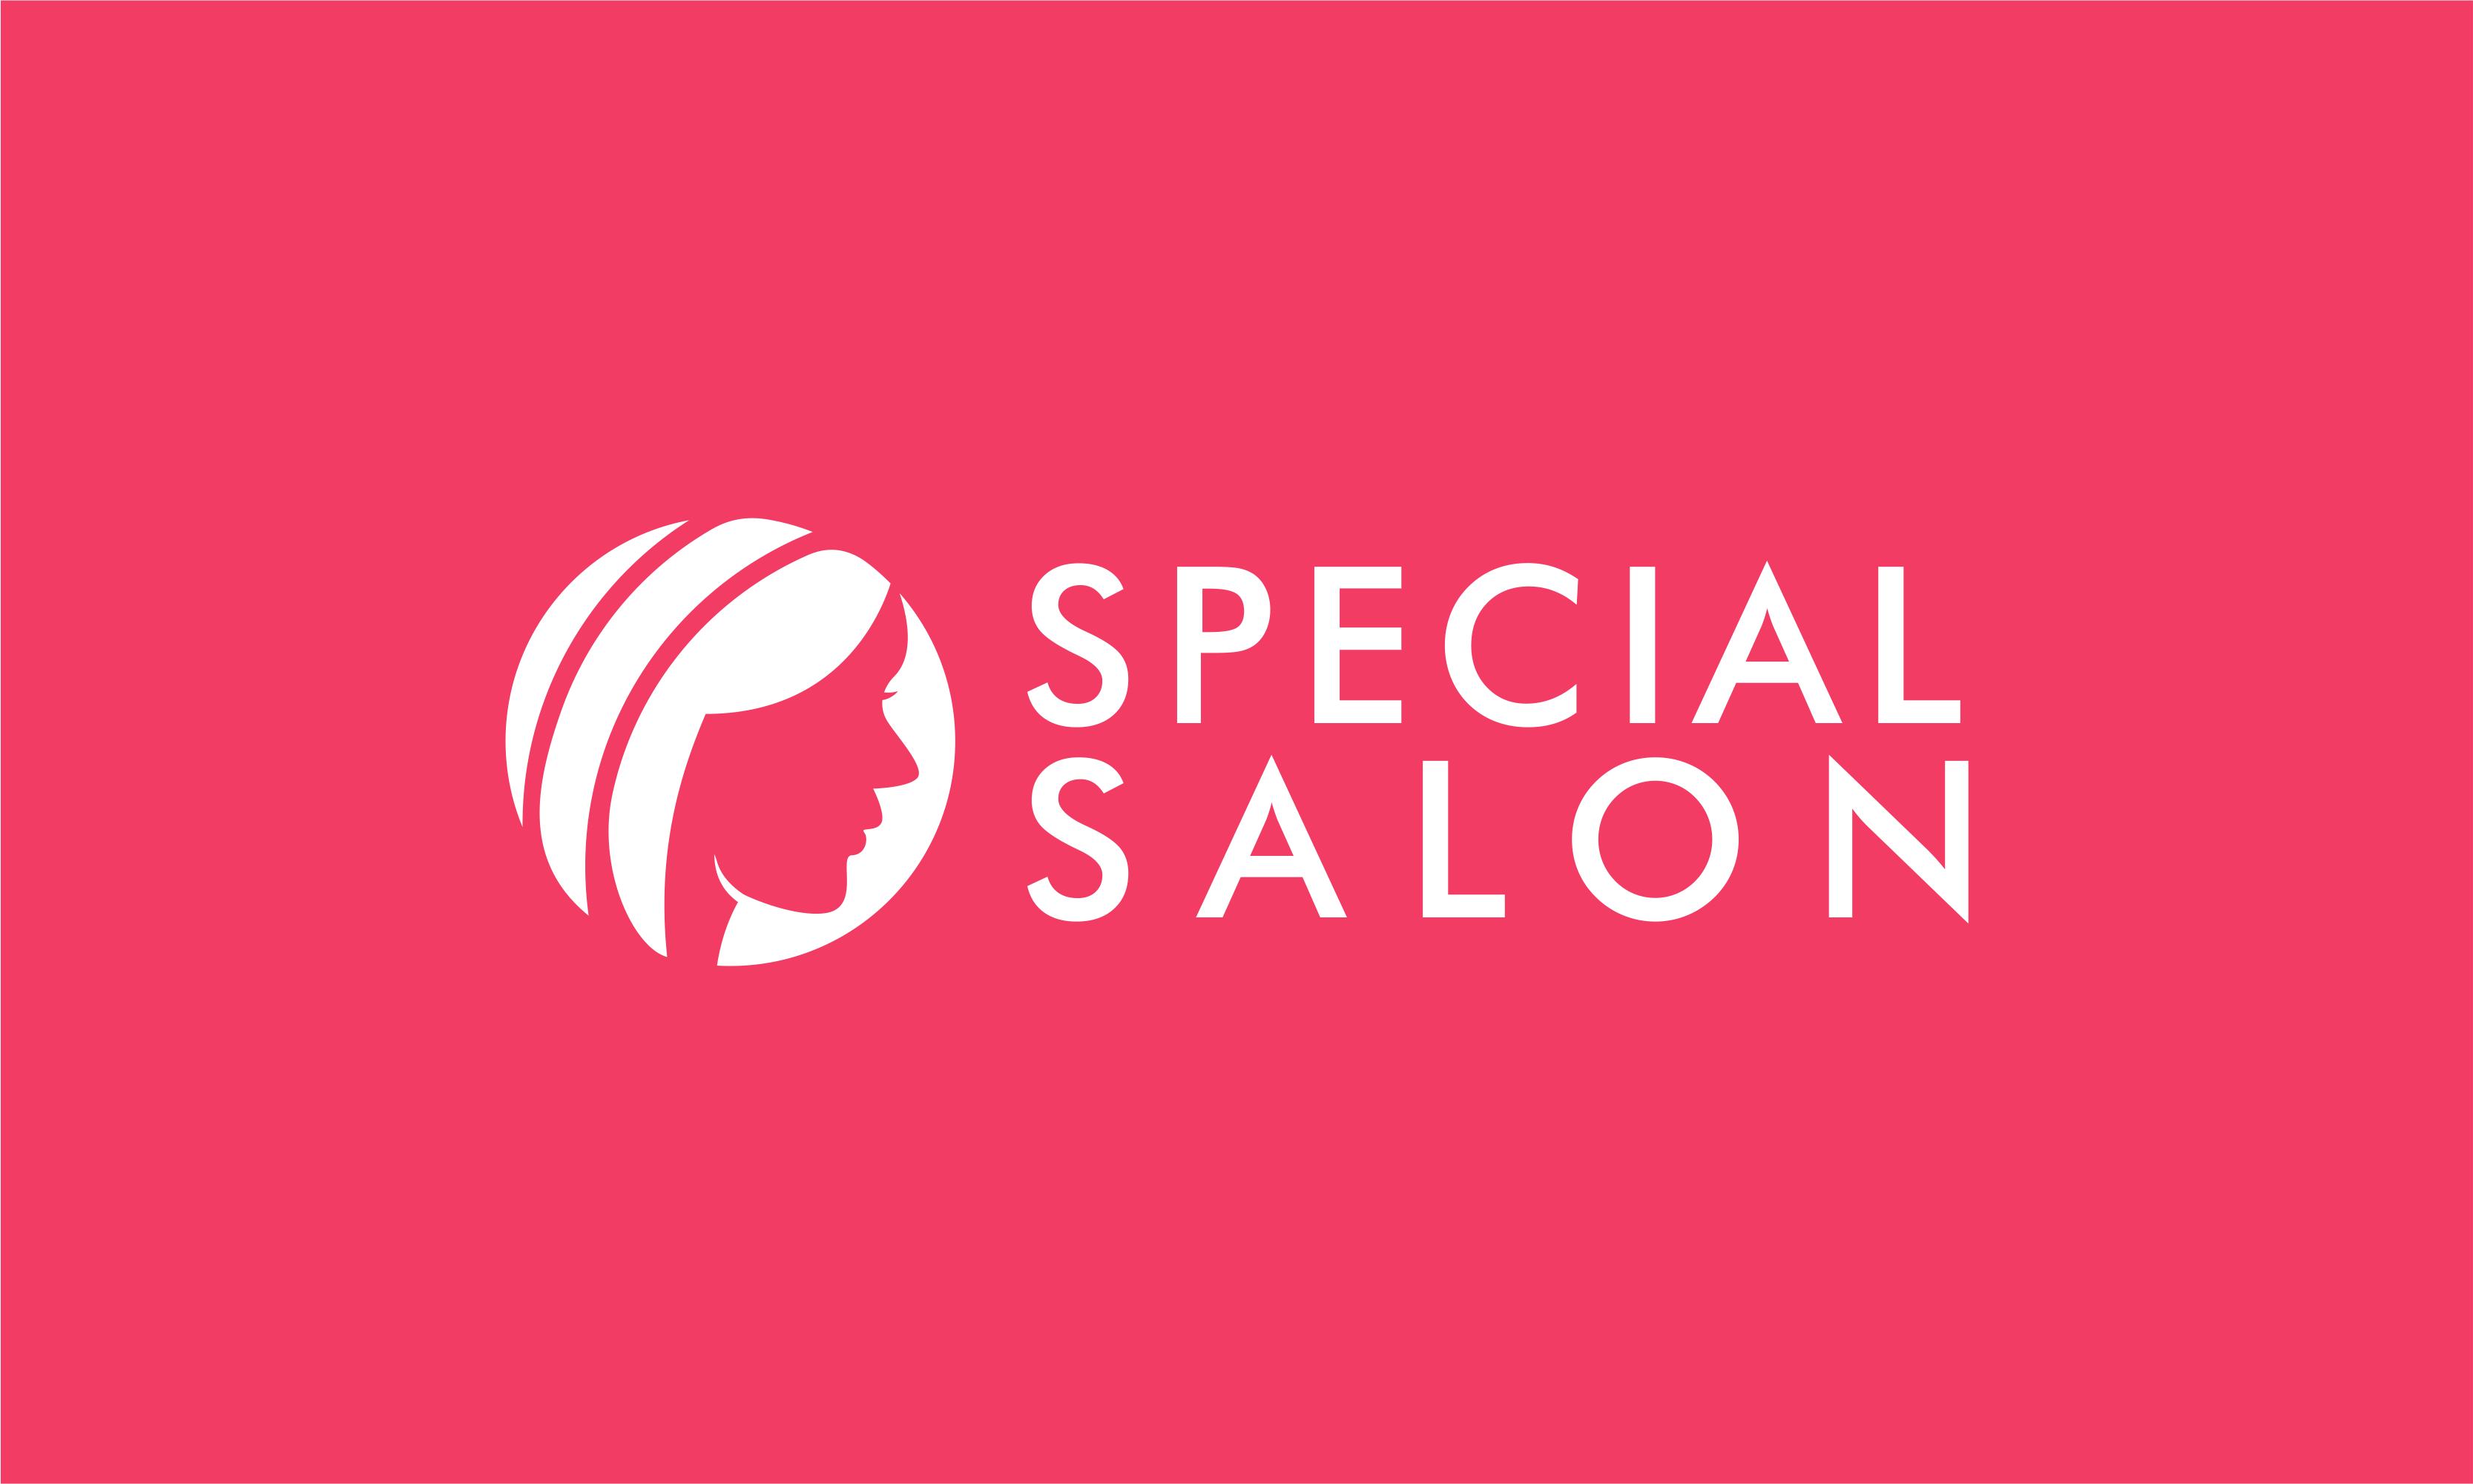 Specialsalon